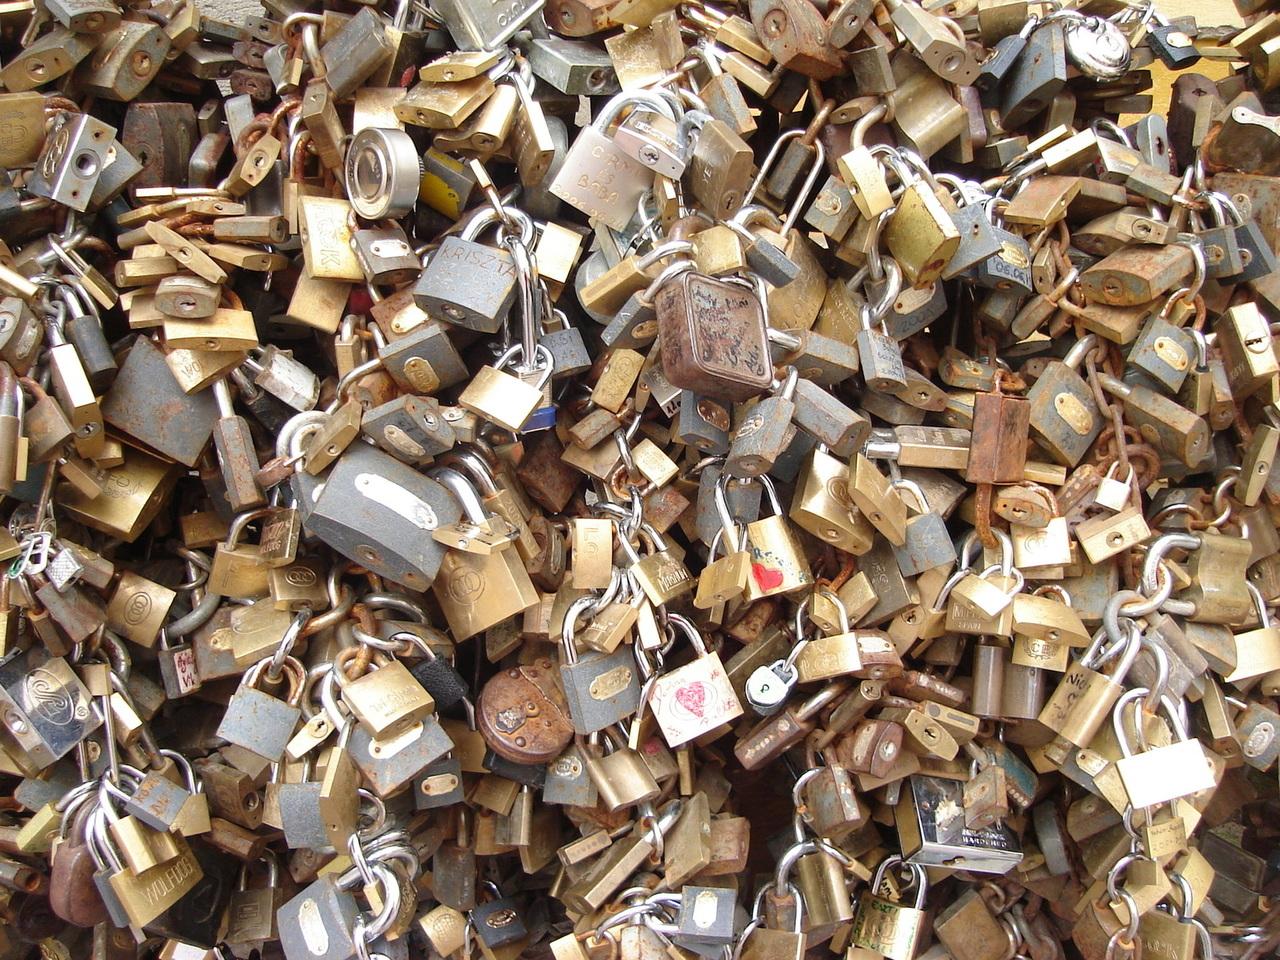 Vídeo: WordPress no necesita plugins de seguridad